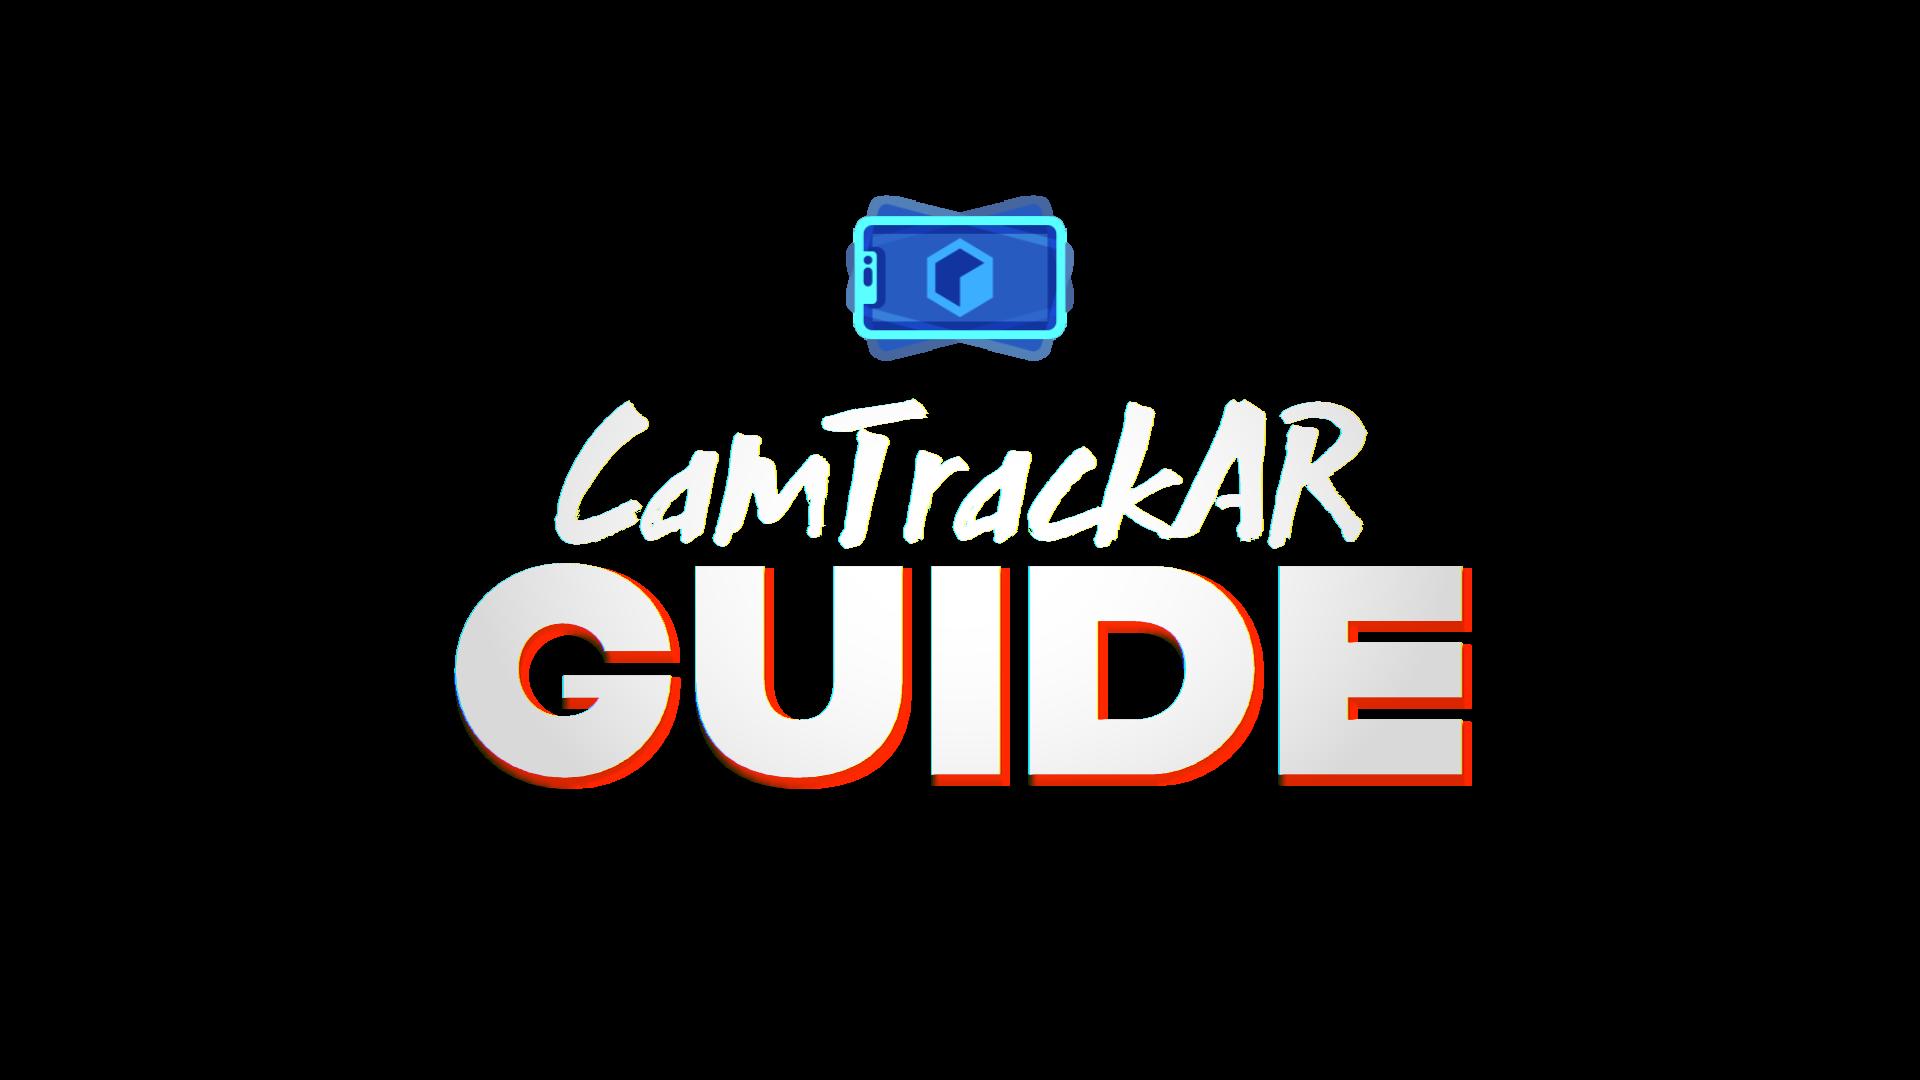 CamTrackAR Guide logo